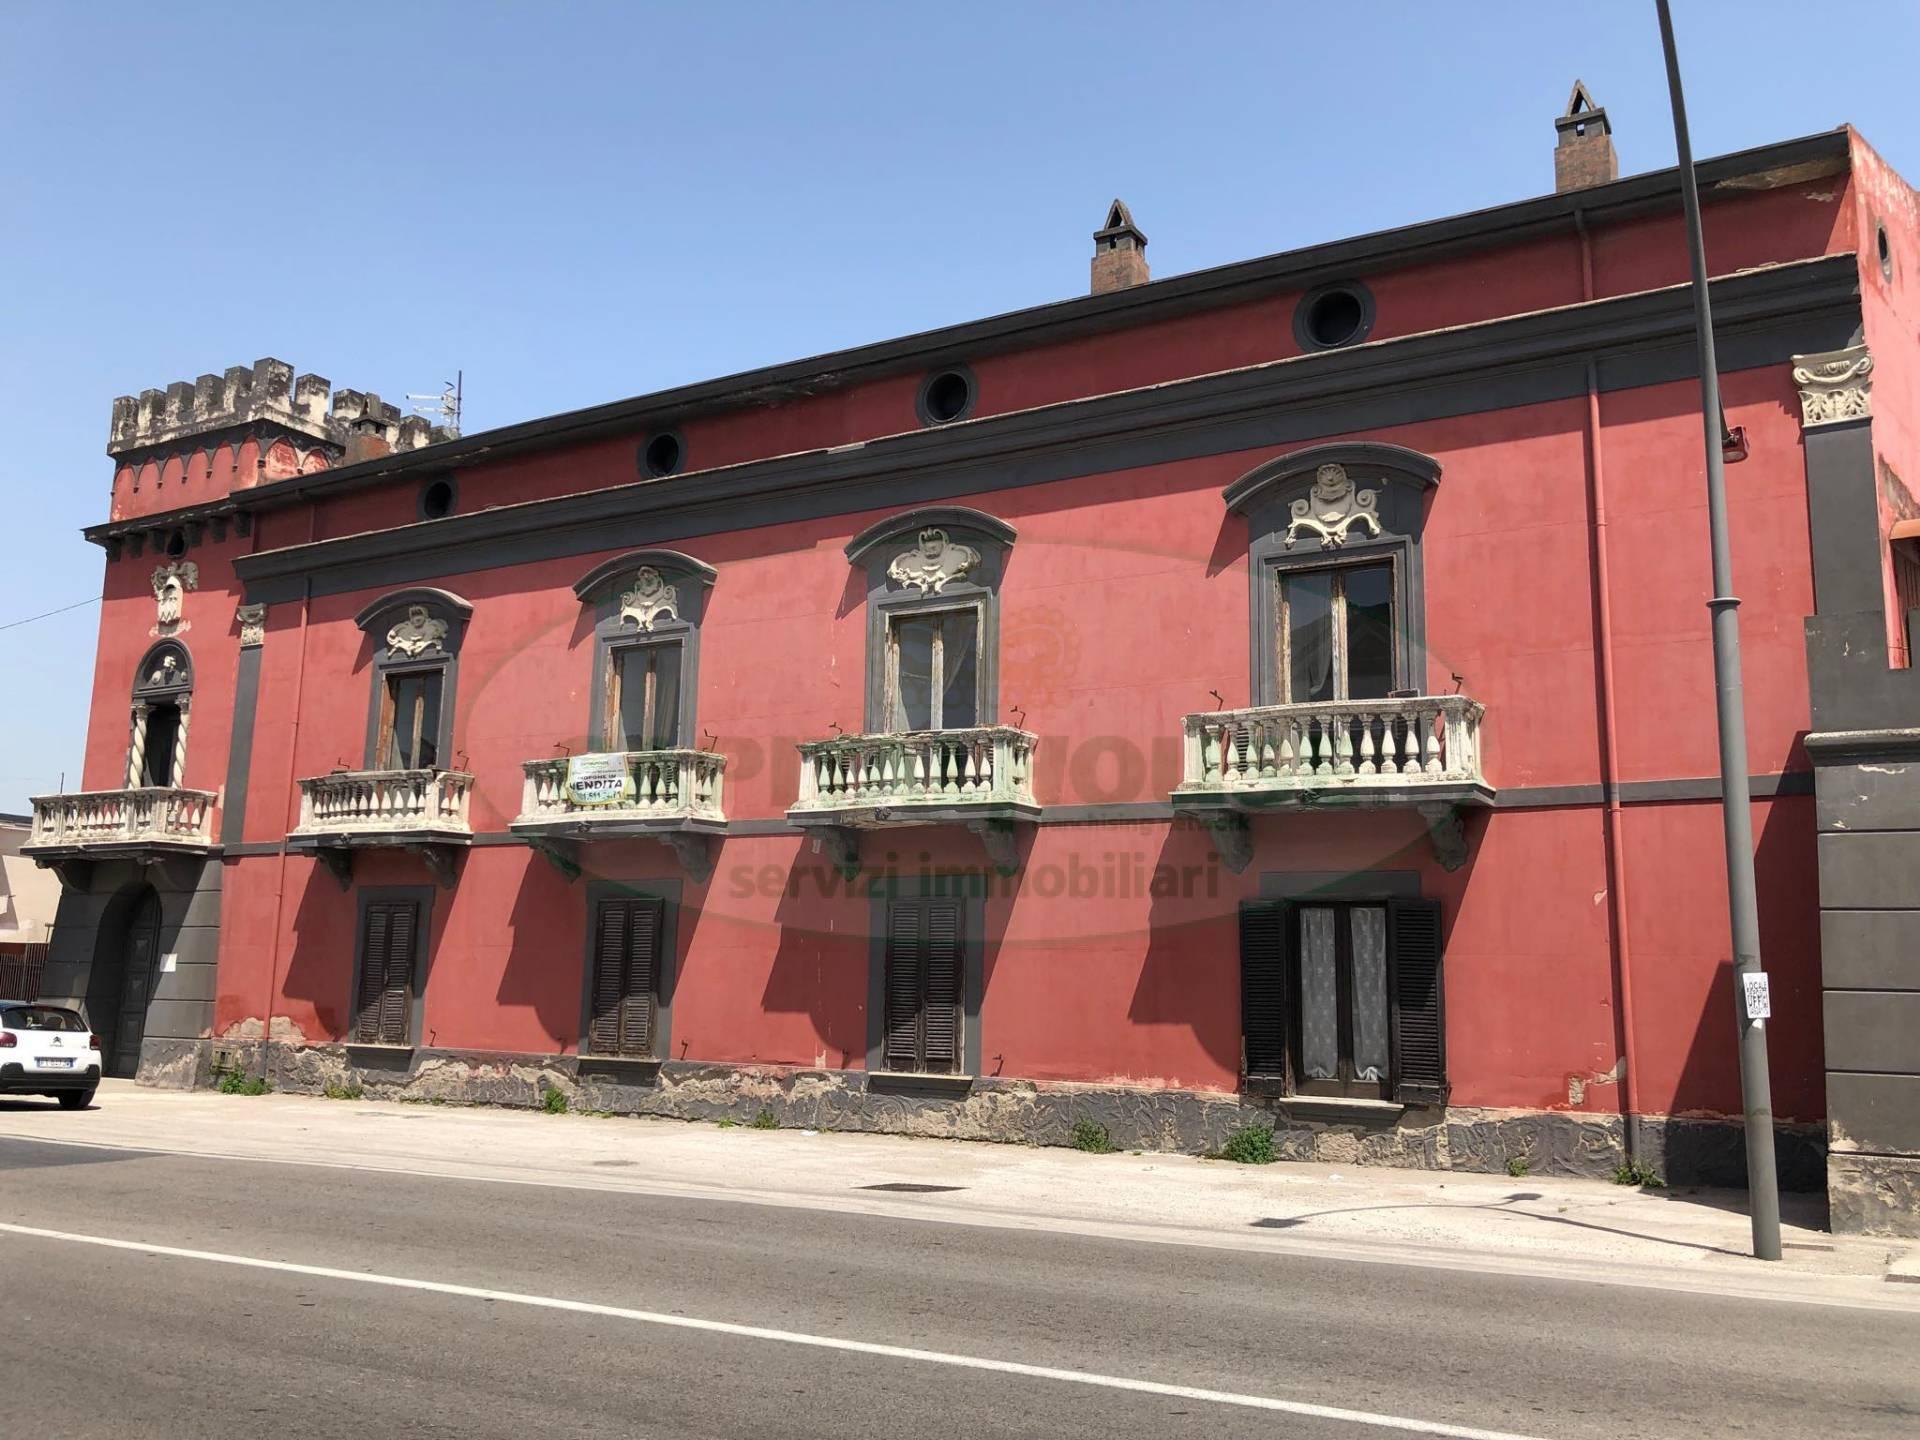 Rustico / Casale in vendita a Tufino, 10 locali, Trattative riservate | CambioCasa.it